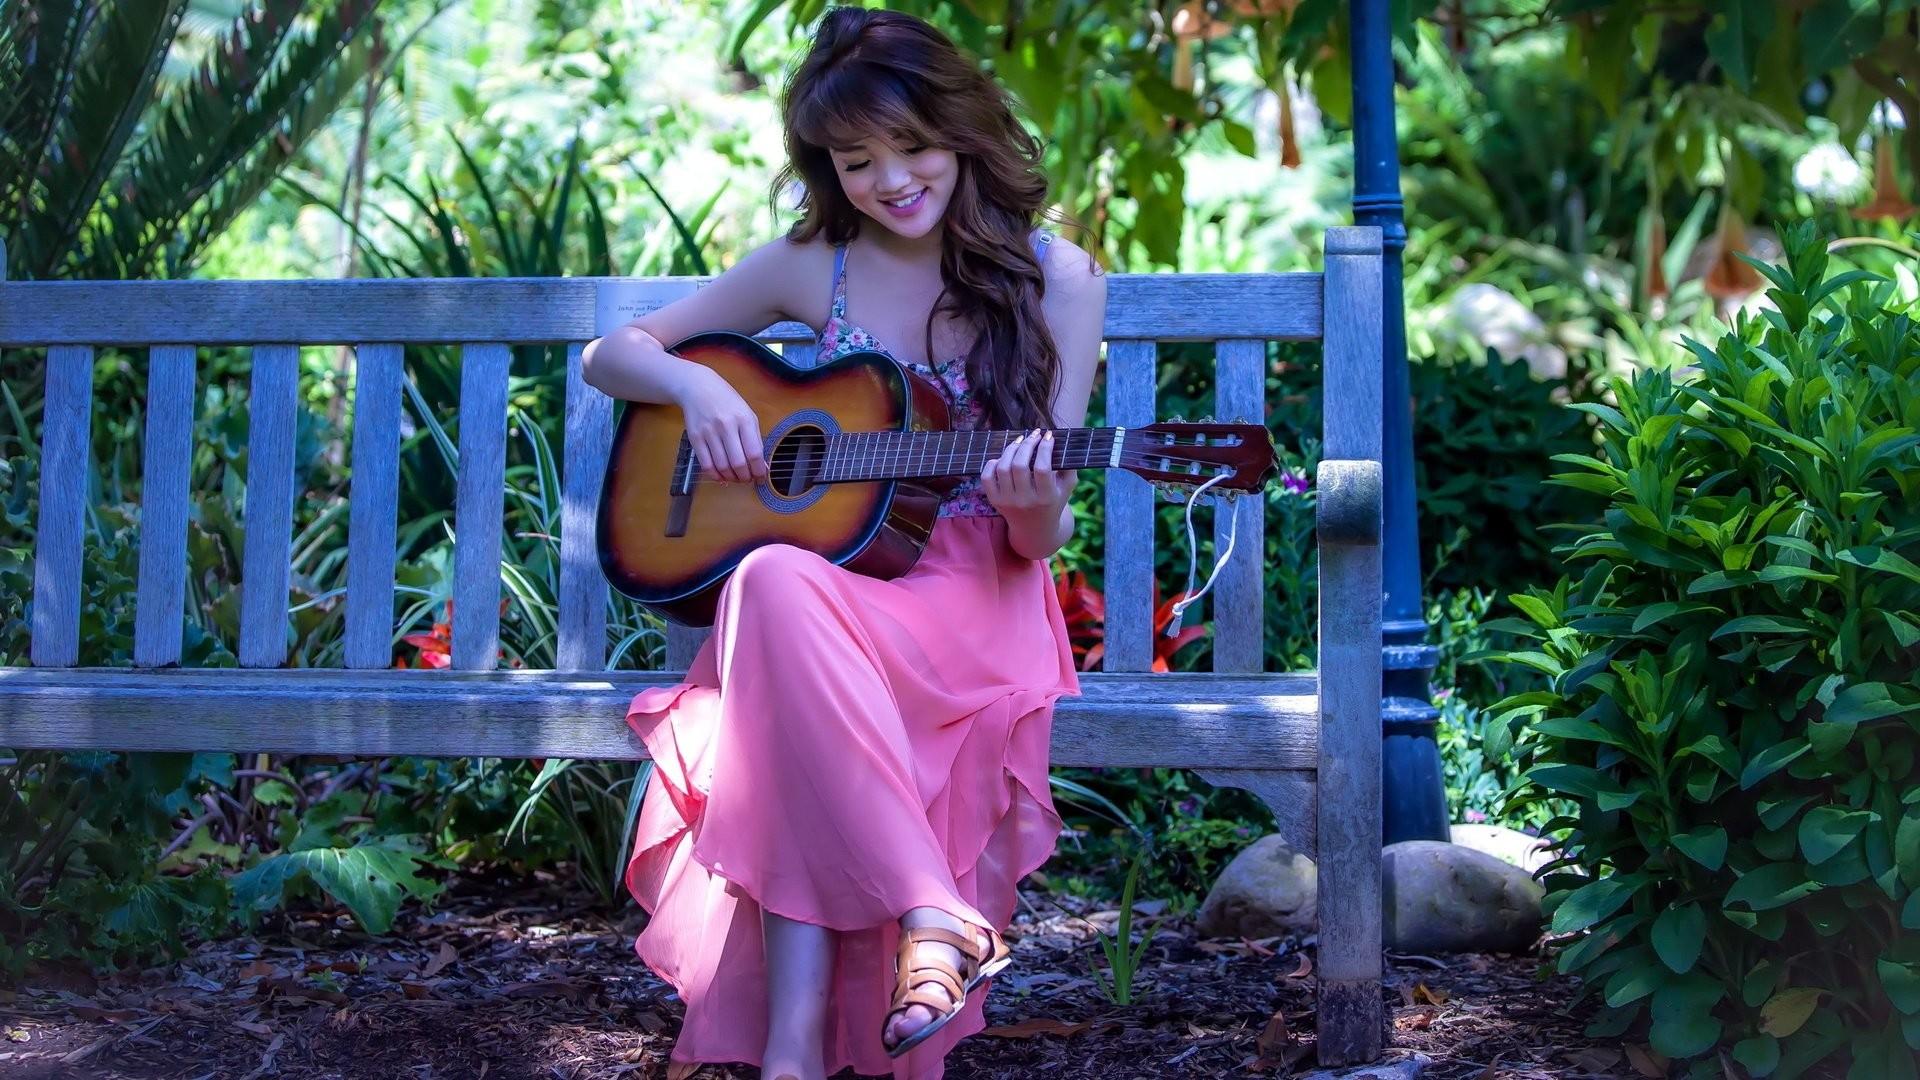 Res: 1920x1080, Pink dress long hair girl guitar music A wallpaper      639118    WallpaperUP